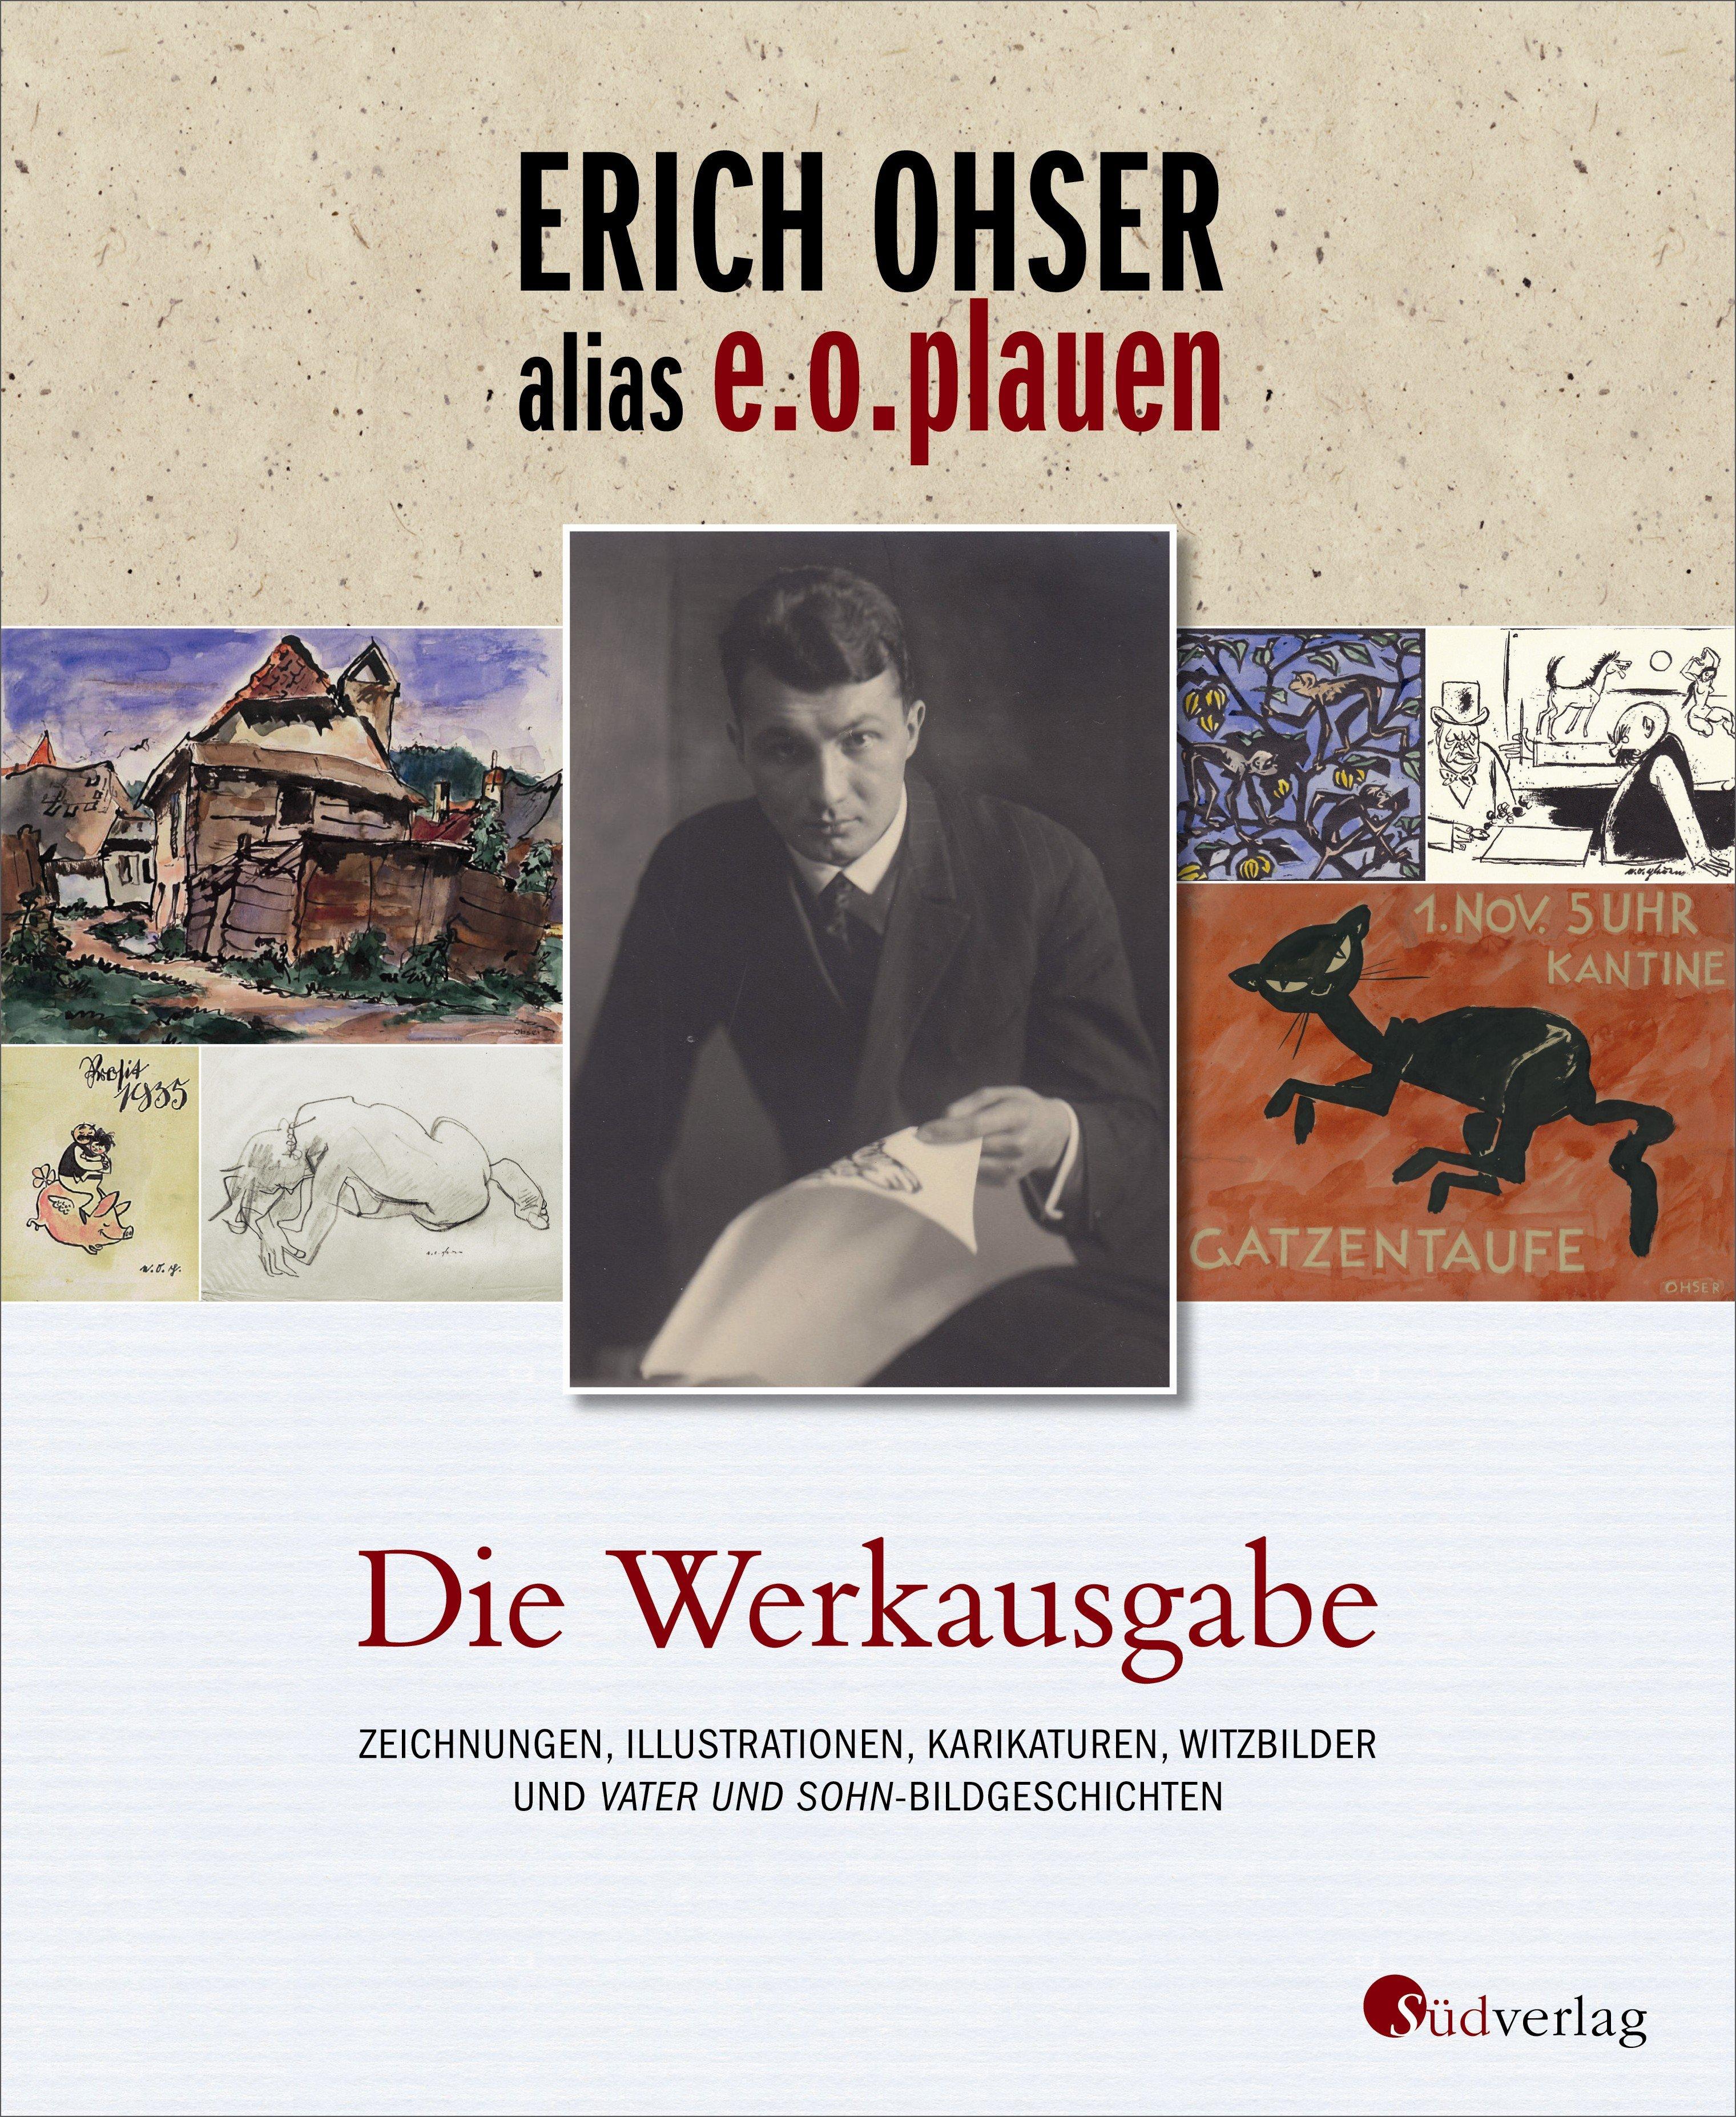 Erich Ohser alias e.o.plauen - Die Werkausgabe